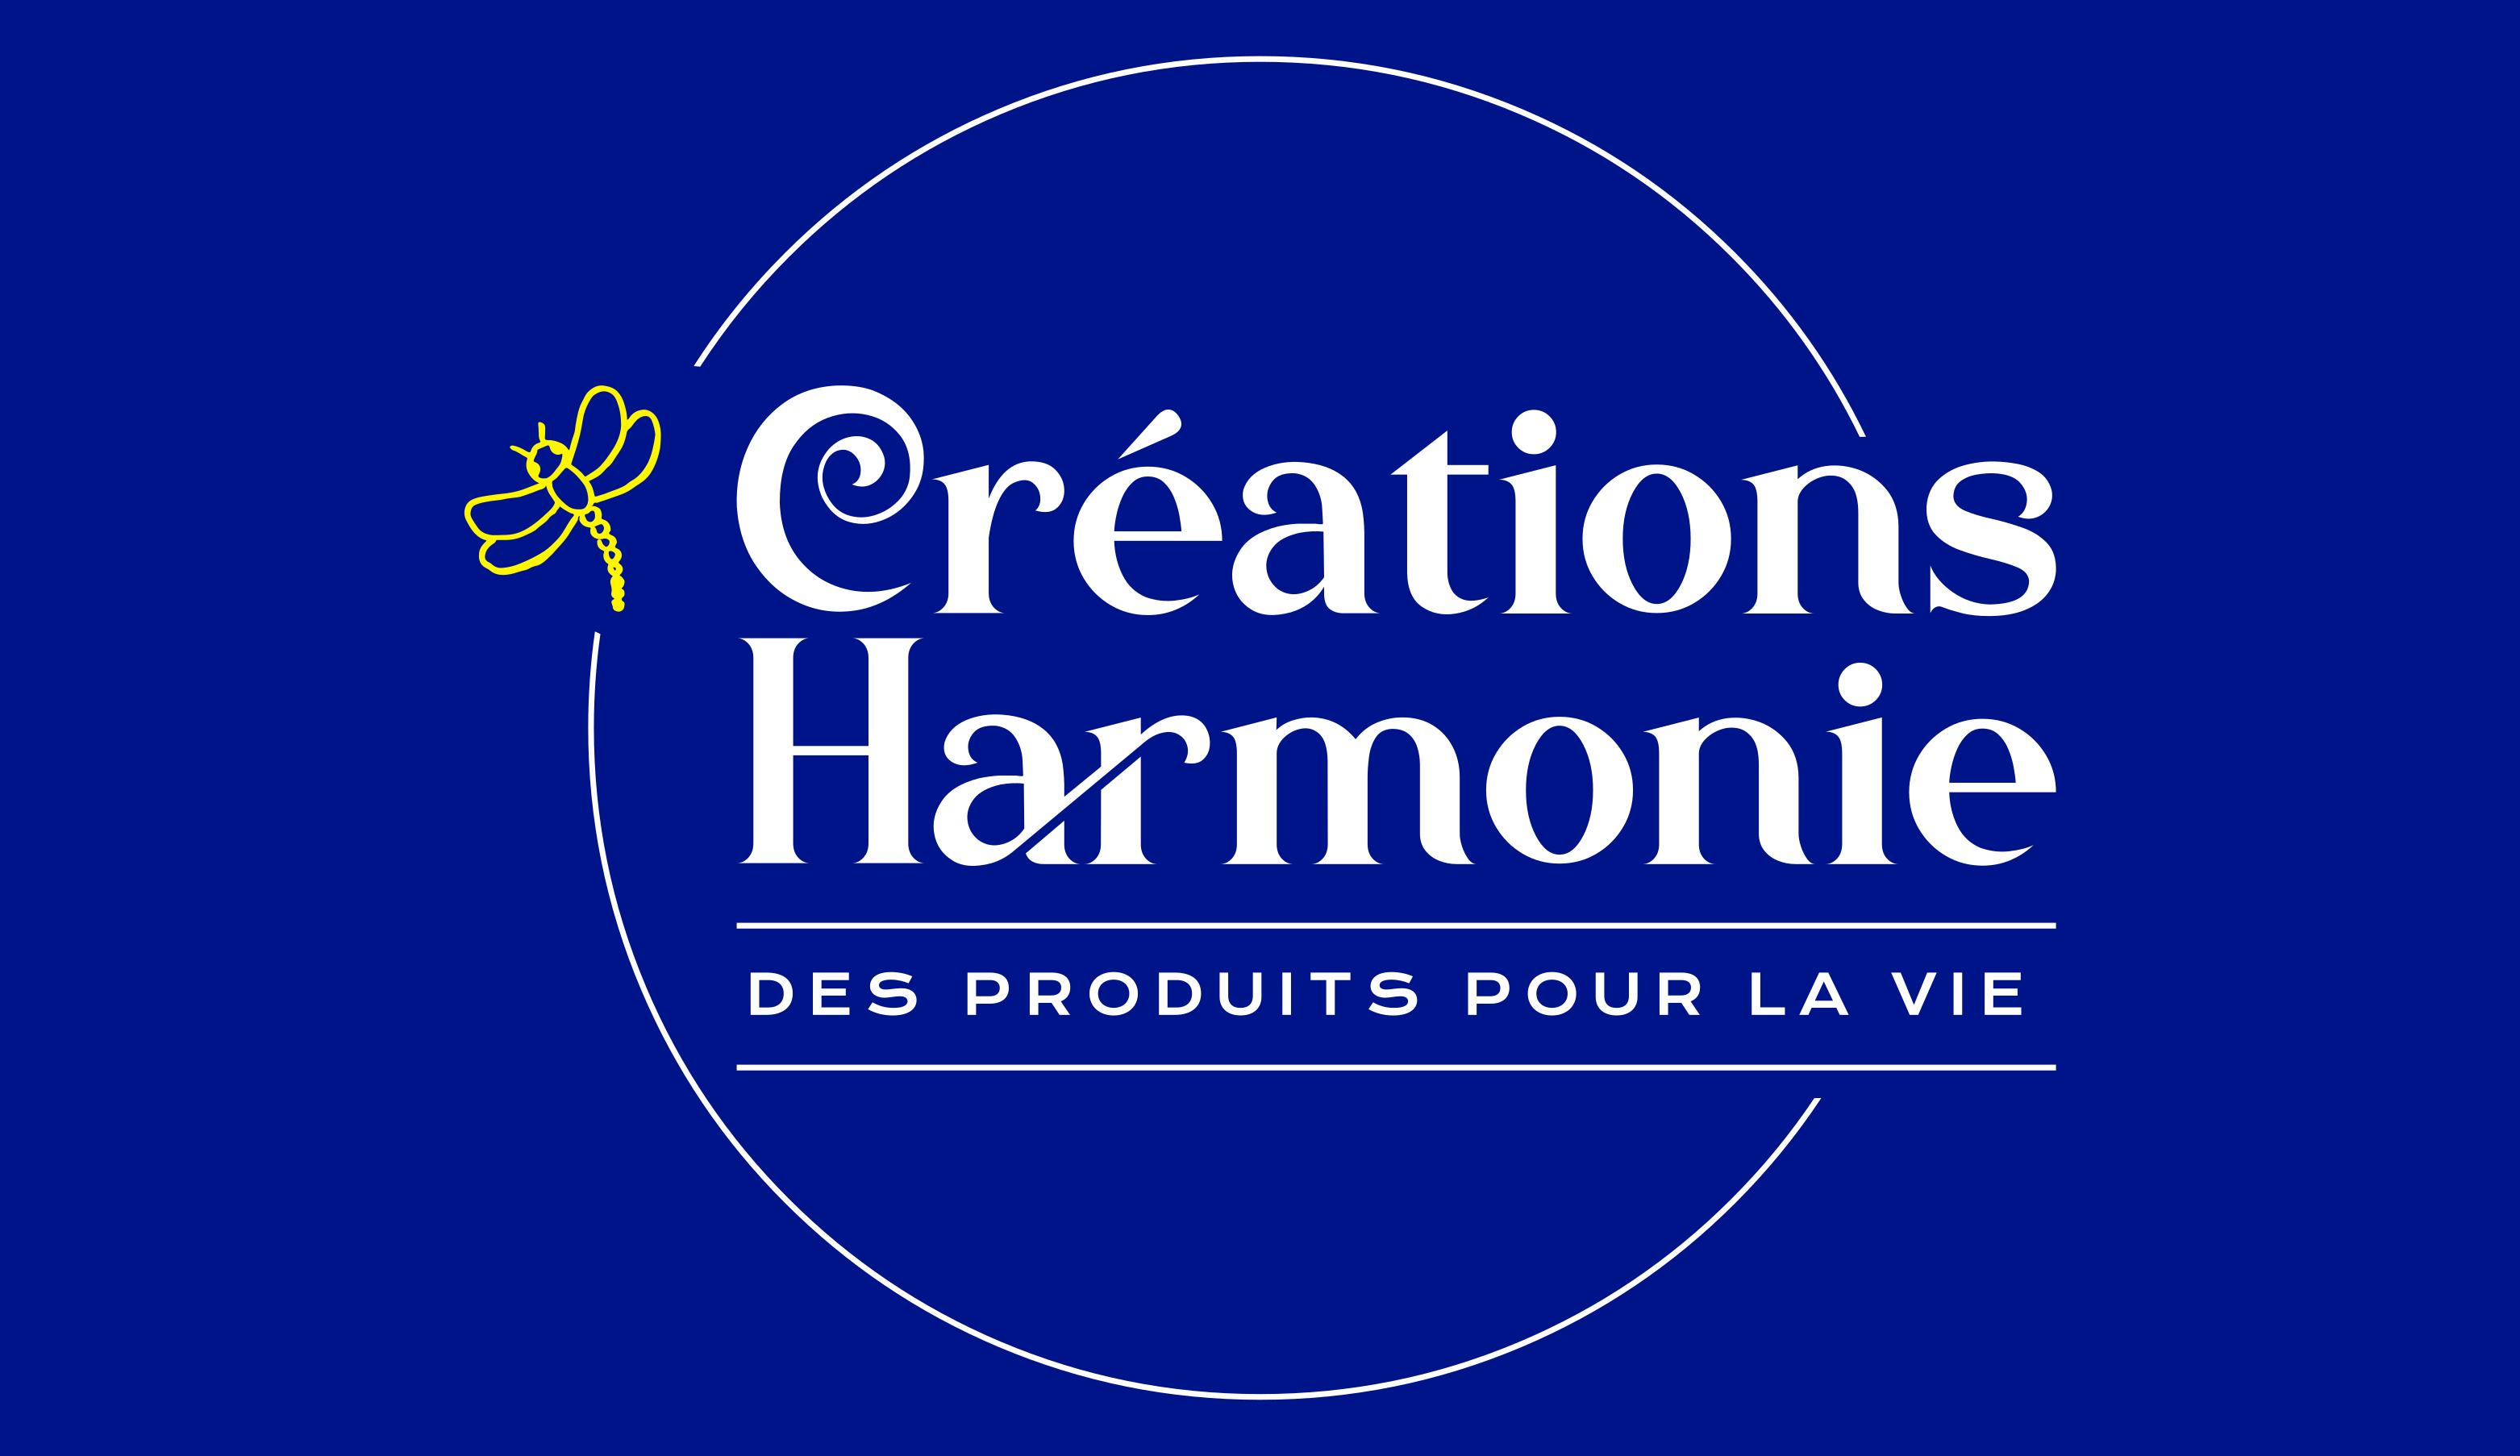 Créations Harmonie